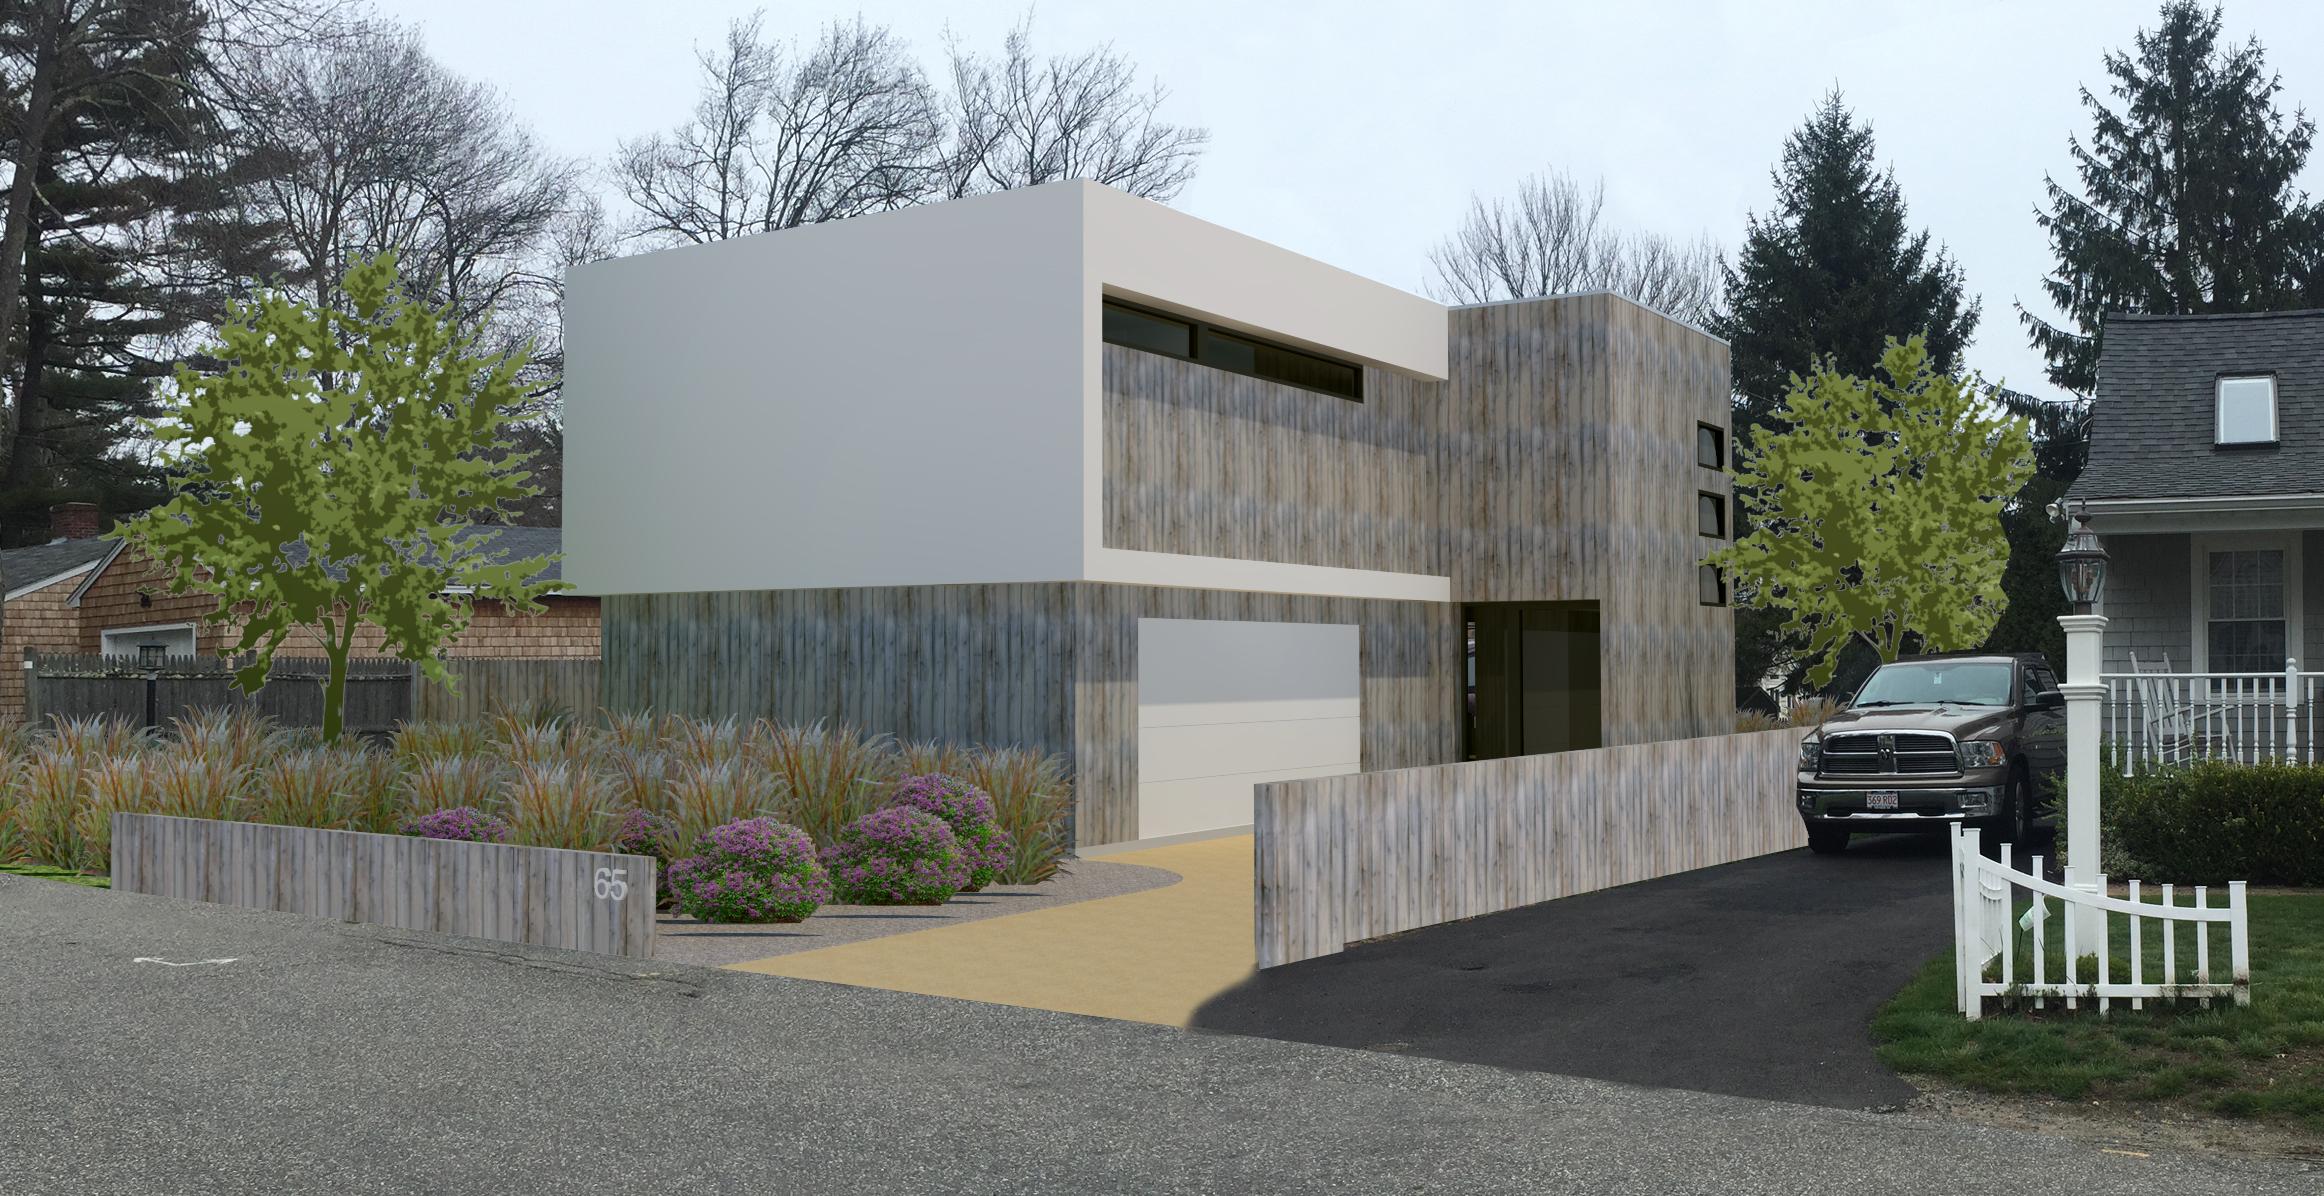 Phelan Residence